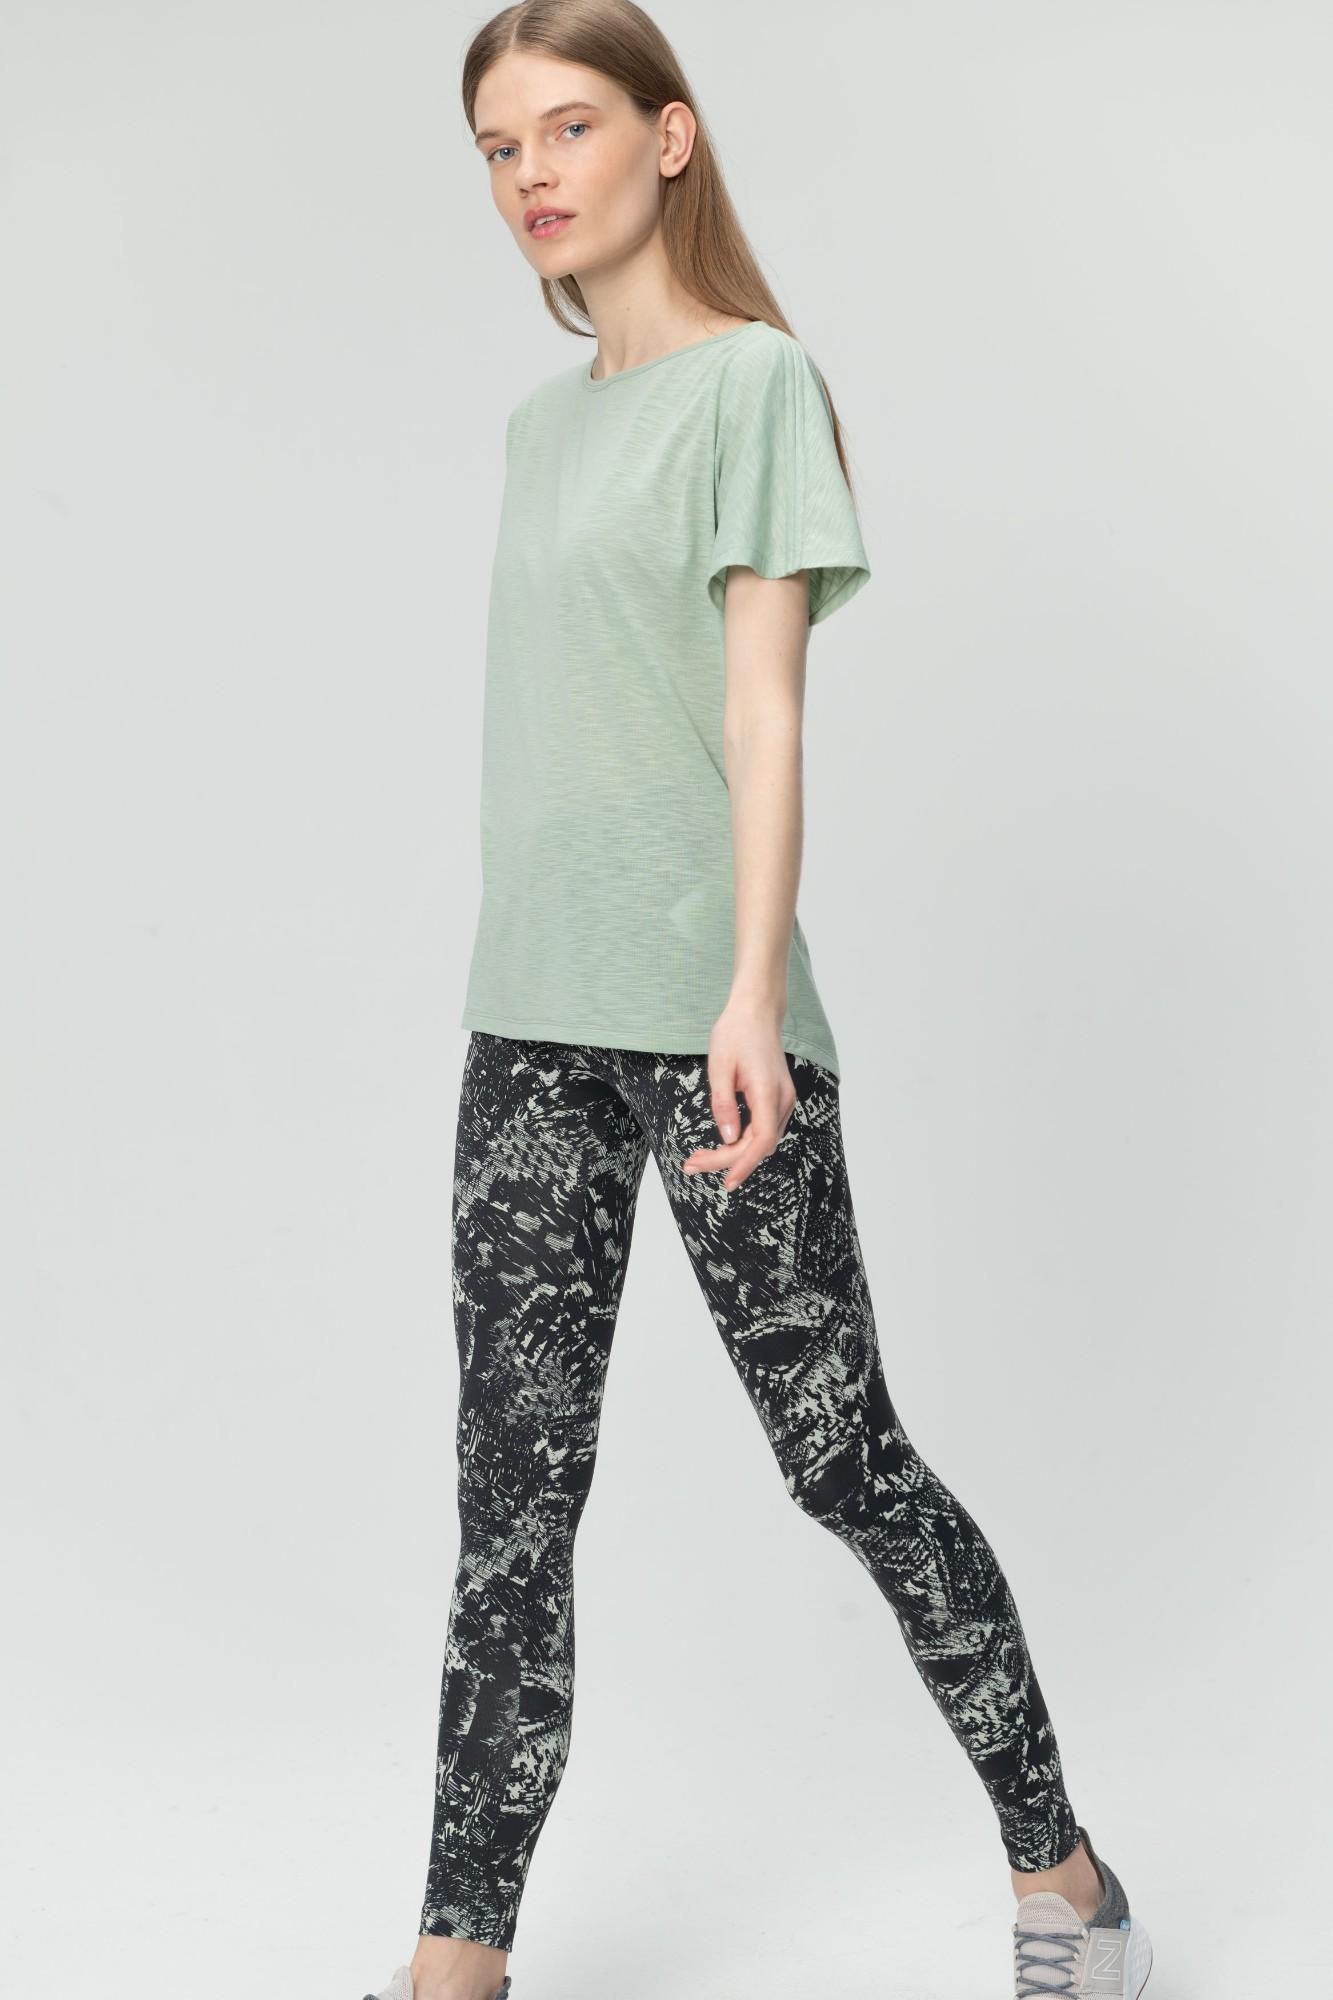 AUDIMAS Apranga Lengvi marškinėliai DRI-RELEASE Frosty Green S